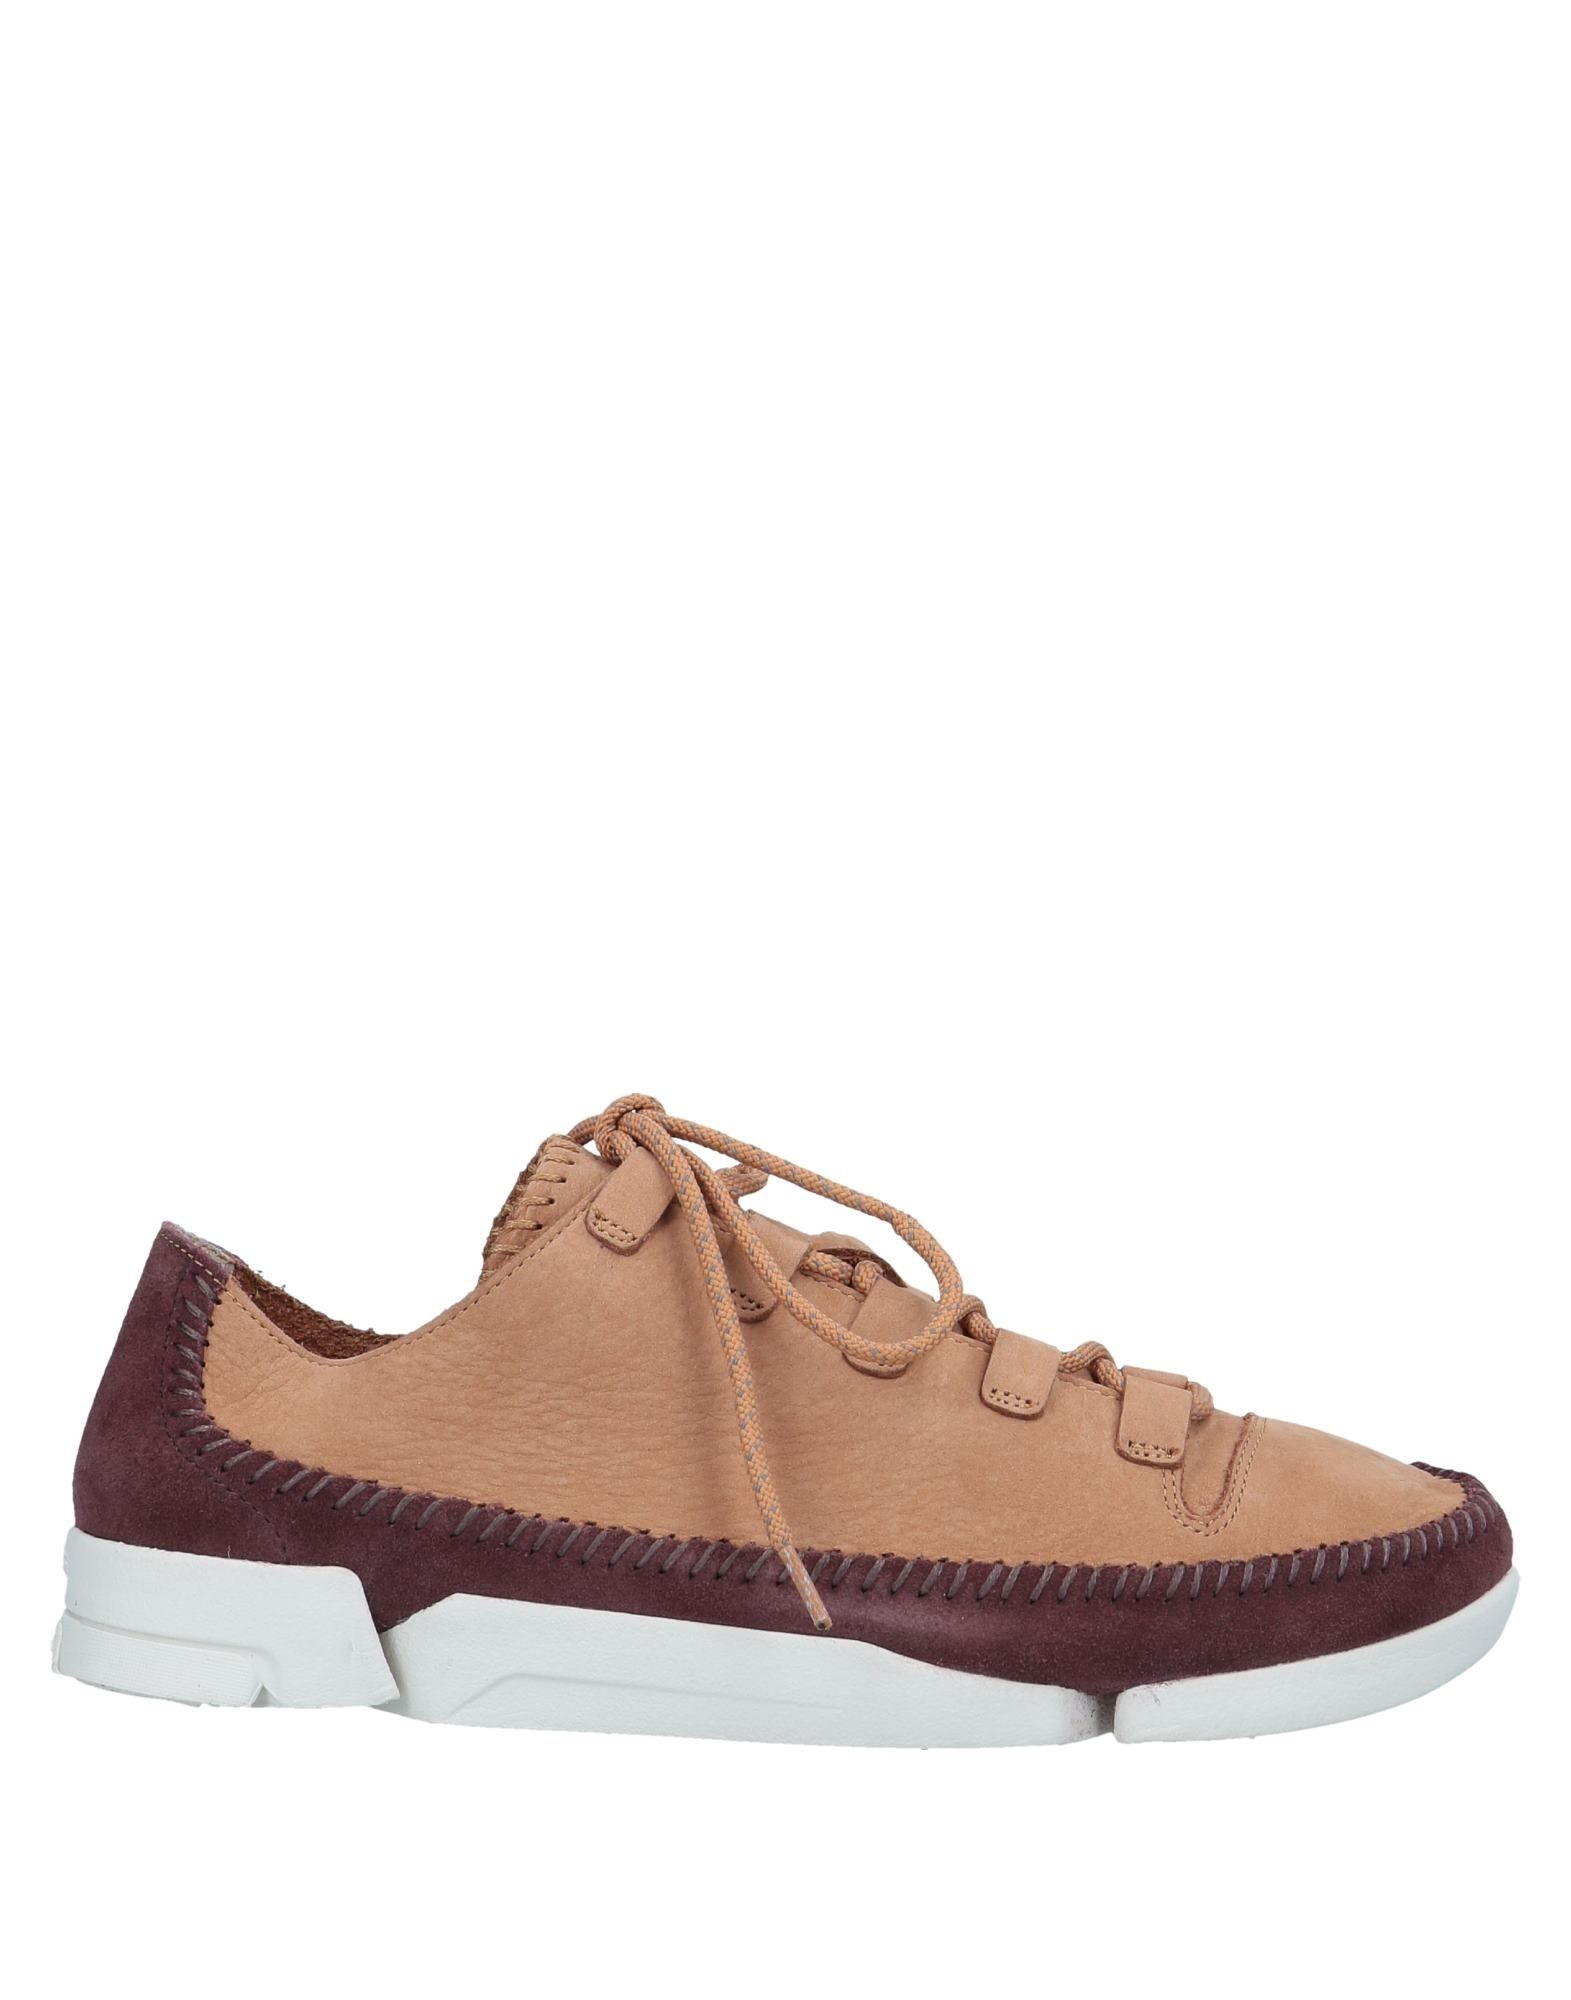 Clarks Originals Sneakers - - - Men Clarks Originals Sneakers online on  Australia - 11586440LF 8edfcb